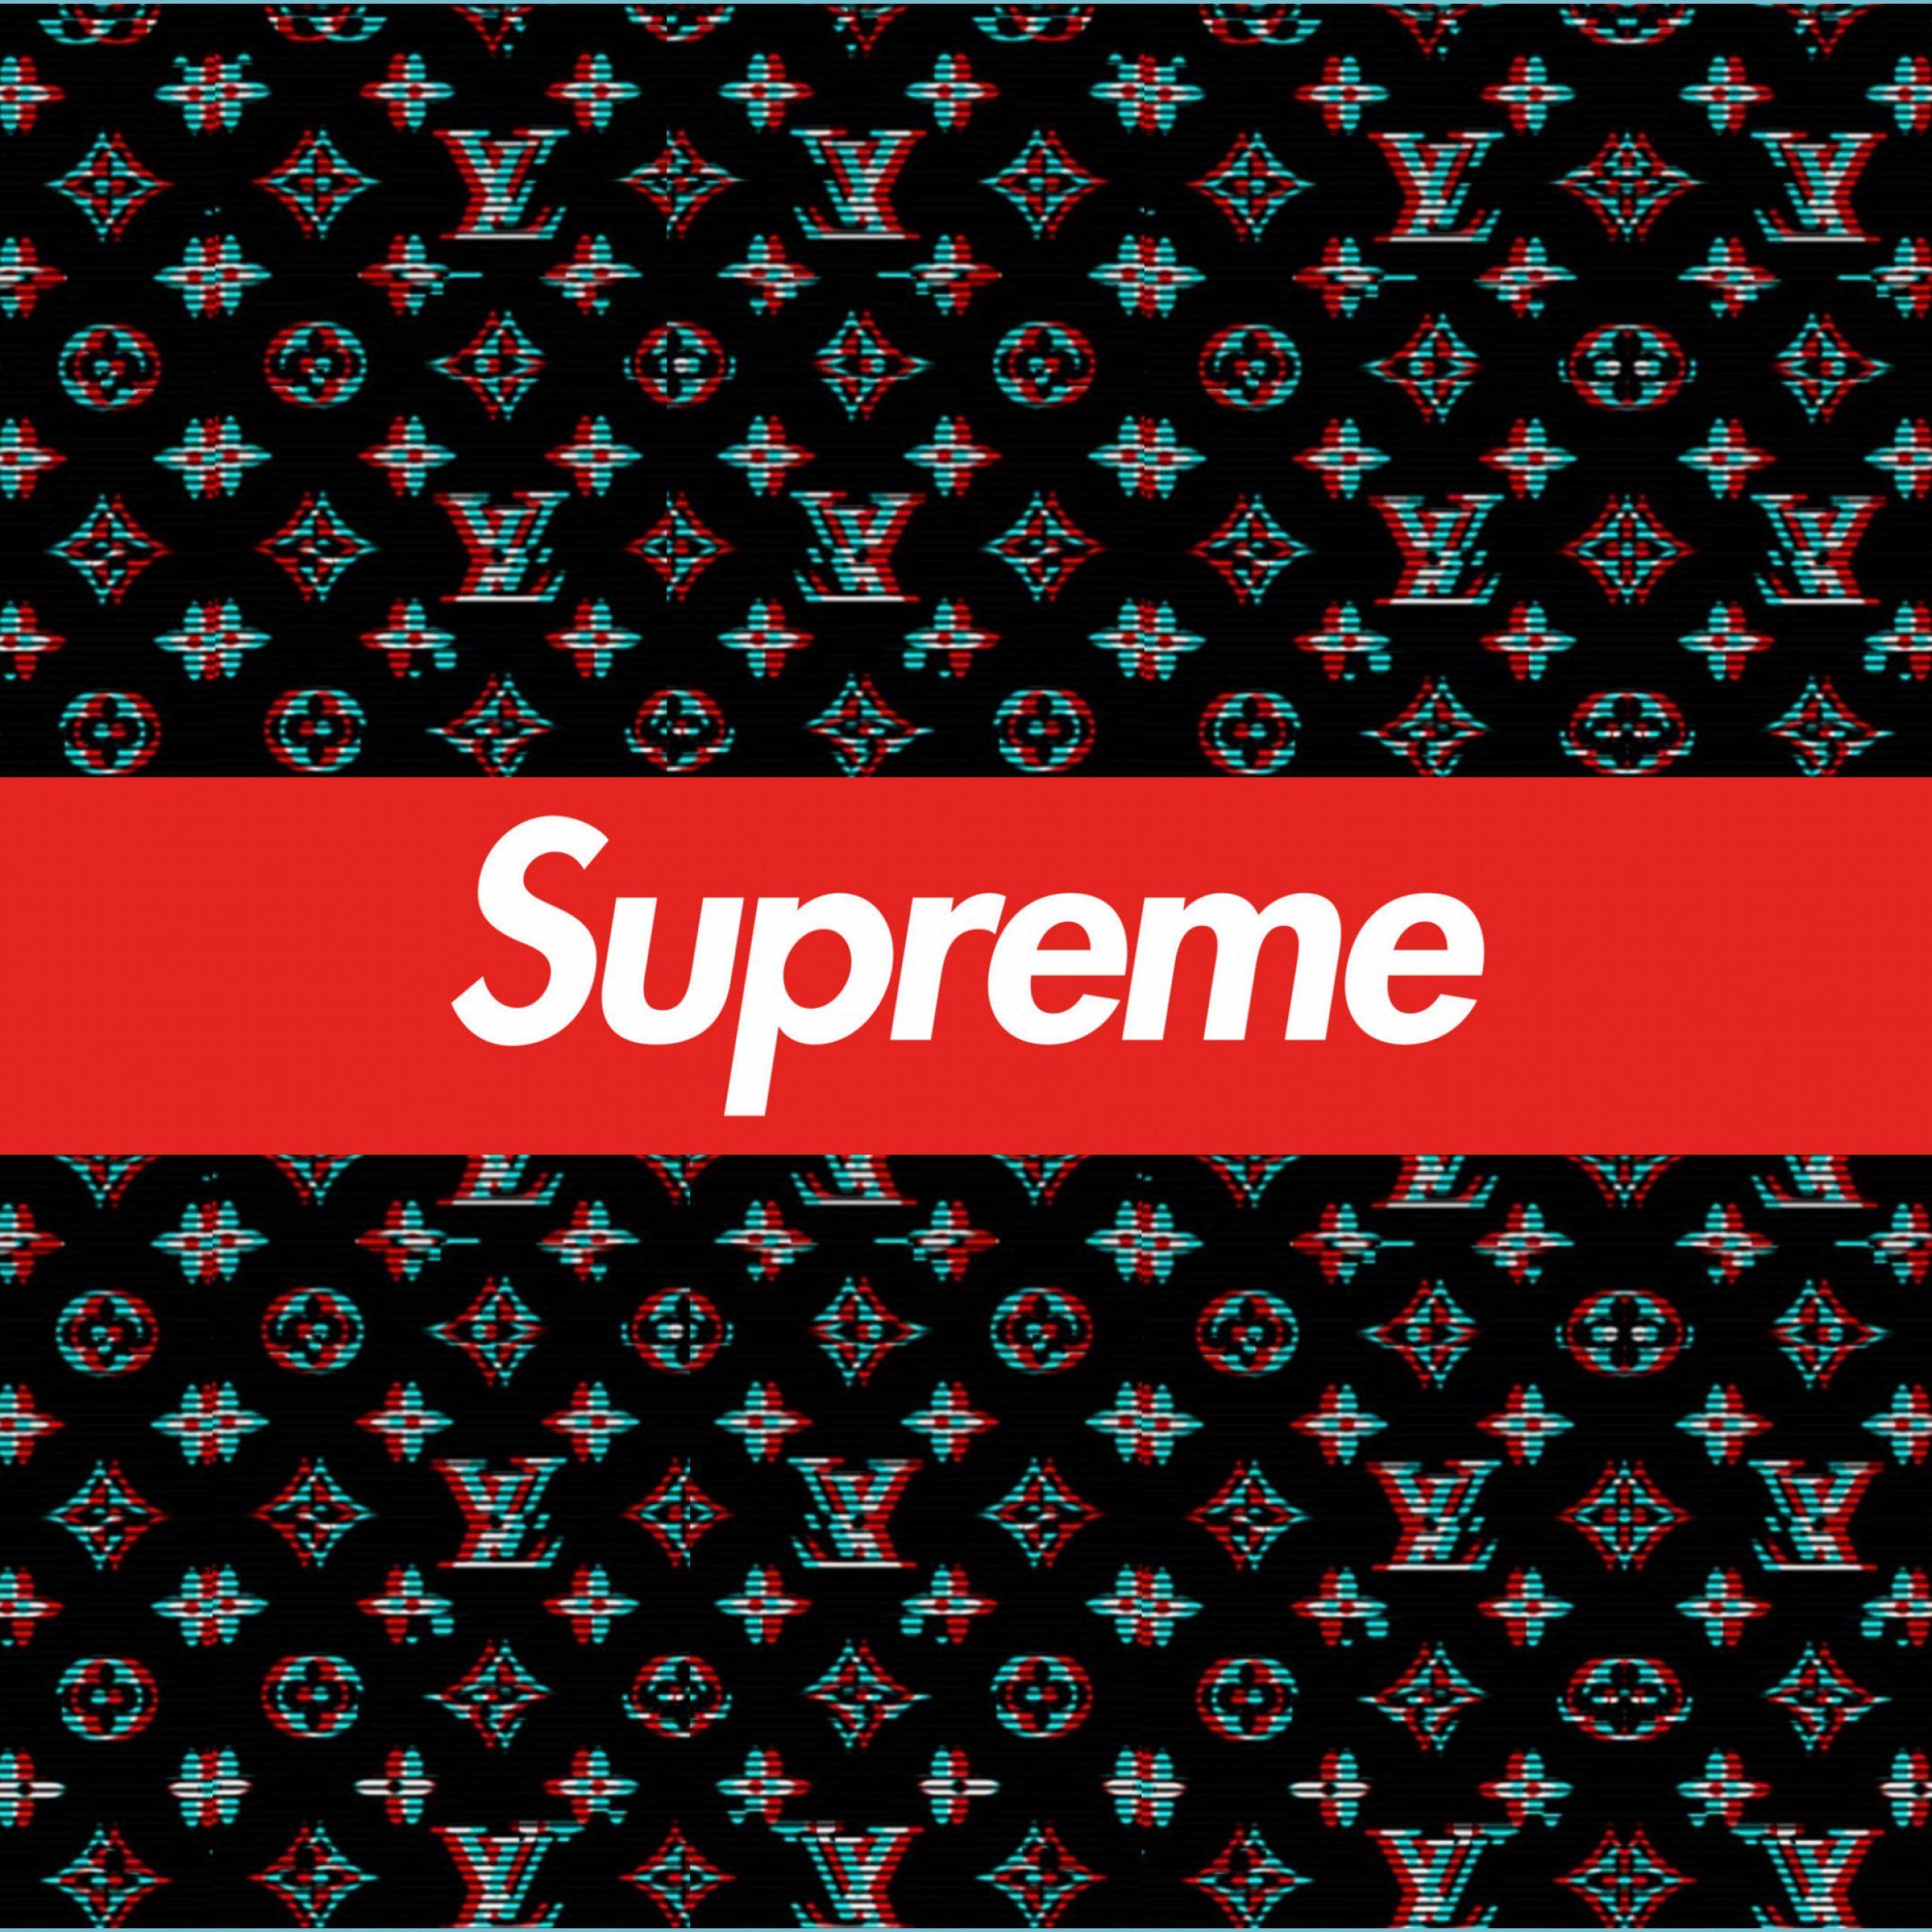 Seven Fantastic Vacation Ideas For Supreme Louis Vuitton Wallpaper Supreme Louis Vuitton Wallpap Supreme Wallpaper Supreme Wallpaper Hd Louis Vuitton Supreme